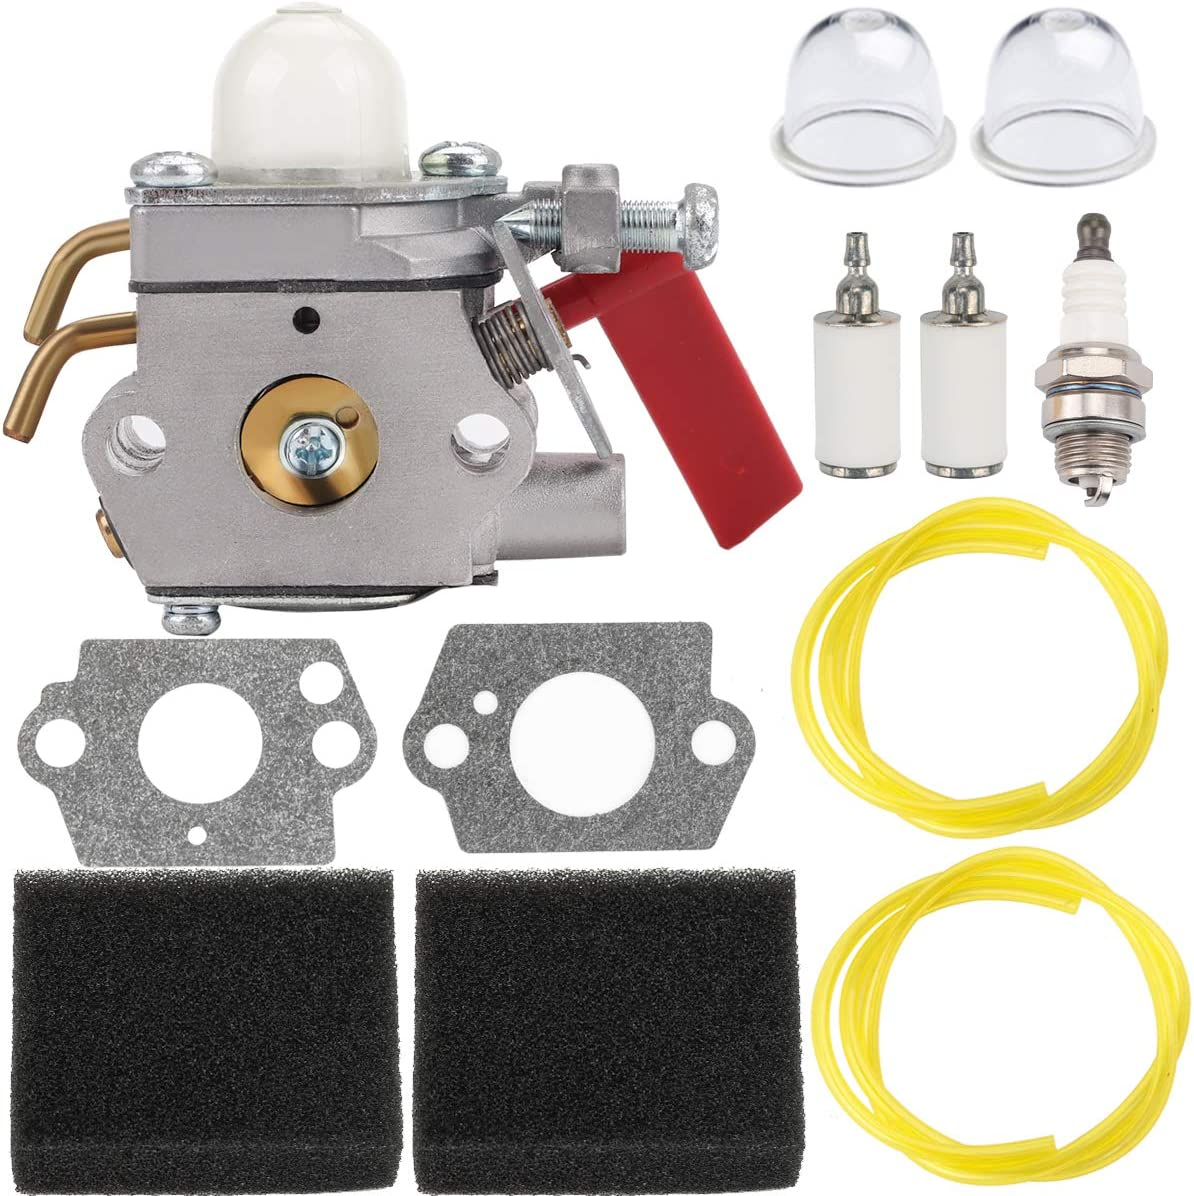 Carburetor Air Filter For Homelite UT-20779 UT-20772 UT-20760 UT20771 UT20763